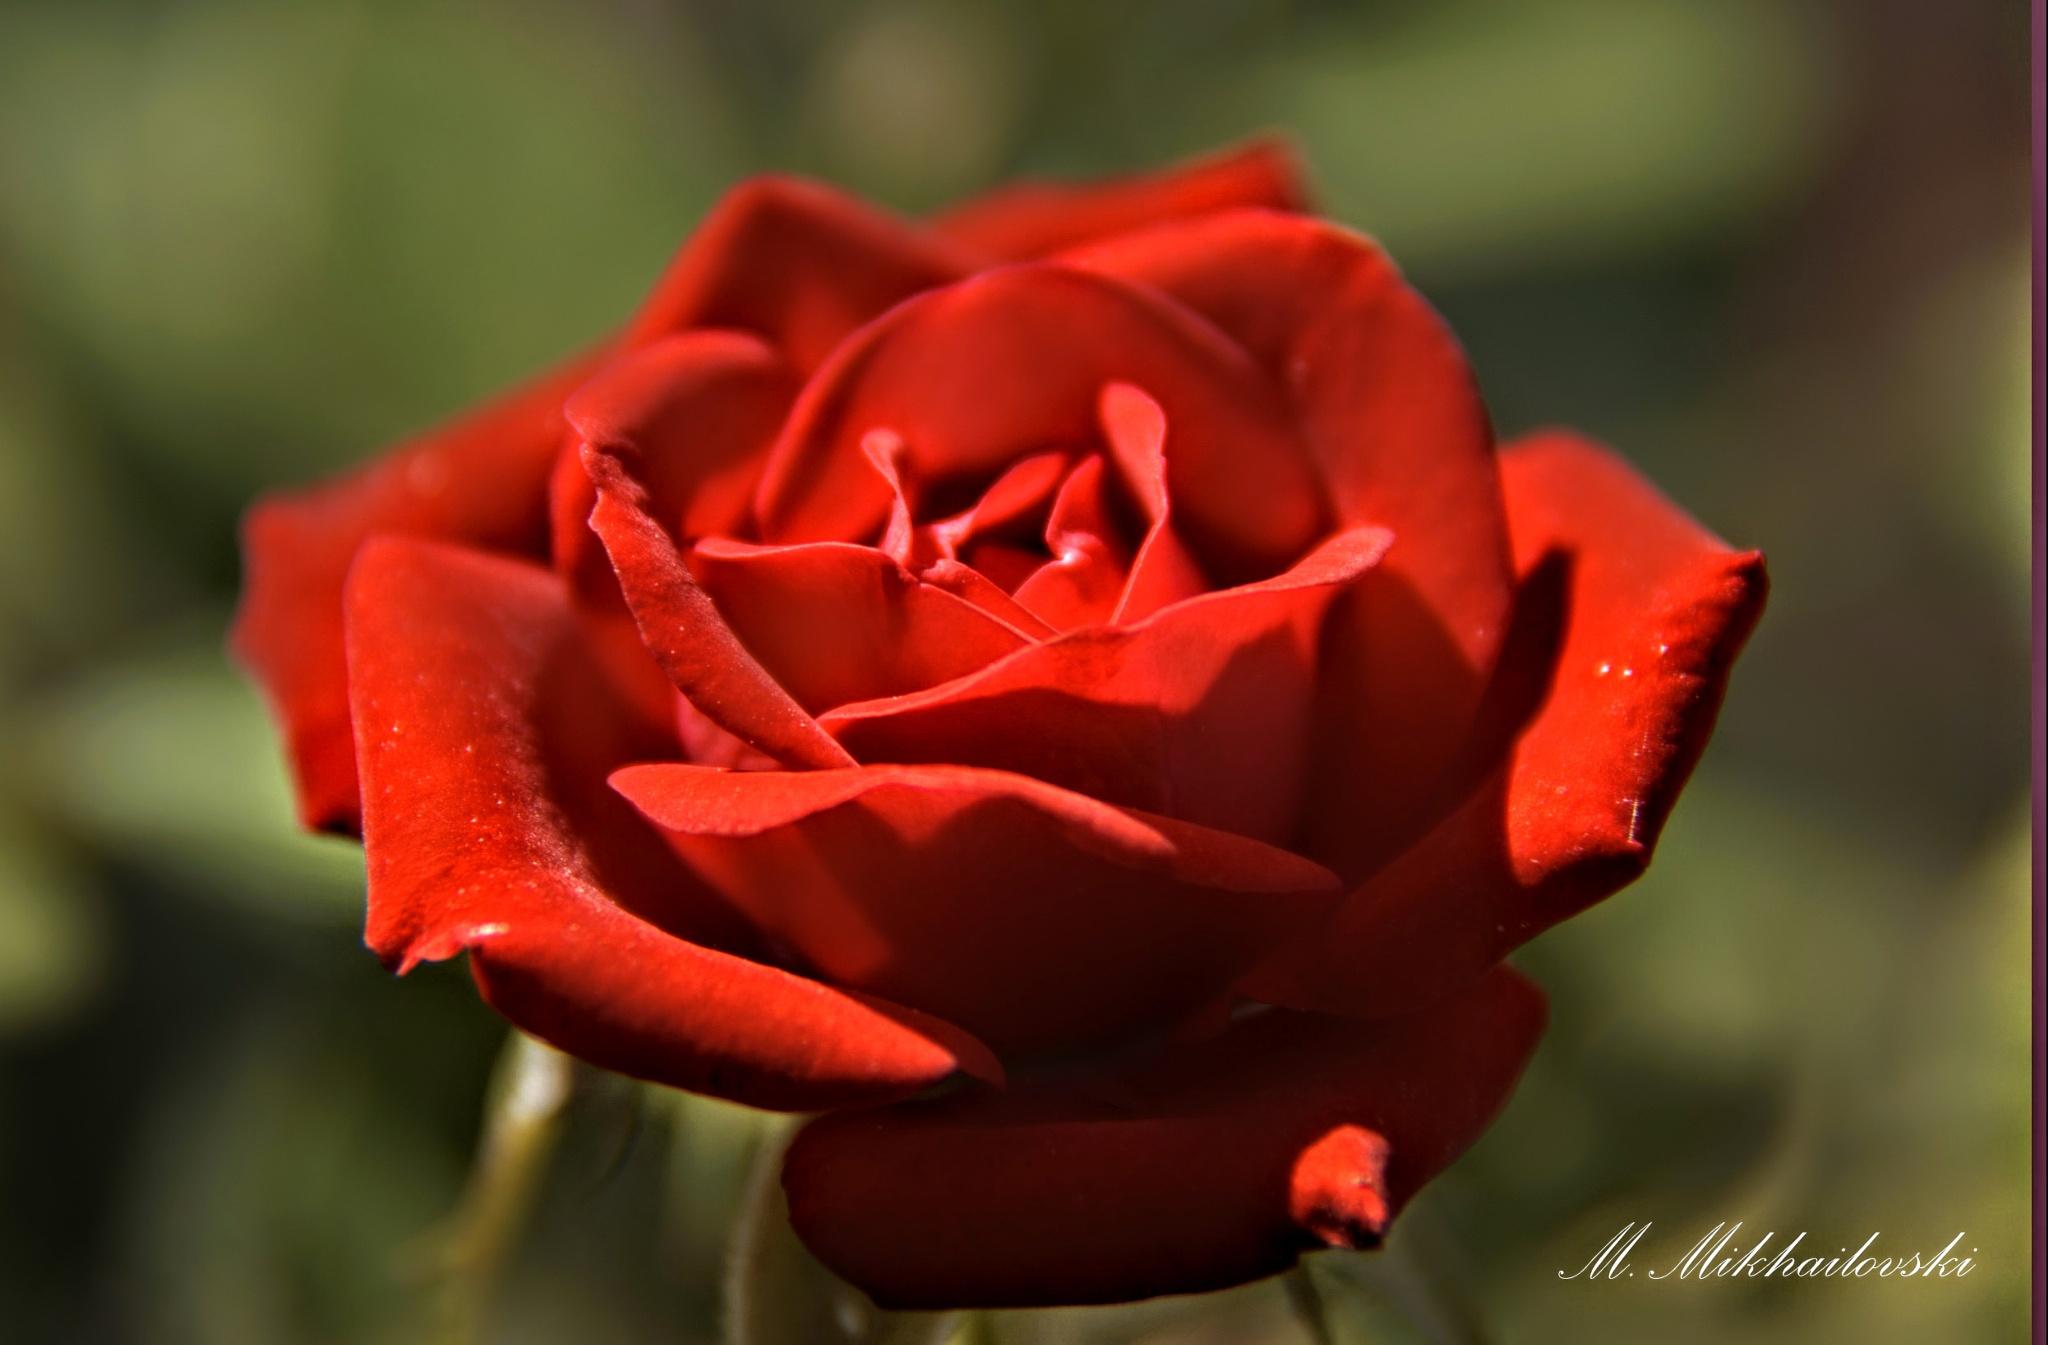 Rose by mikhailomikhaylovsky